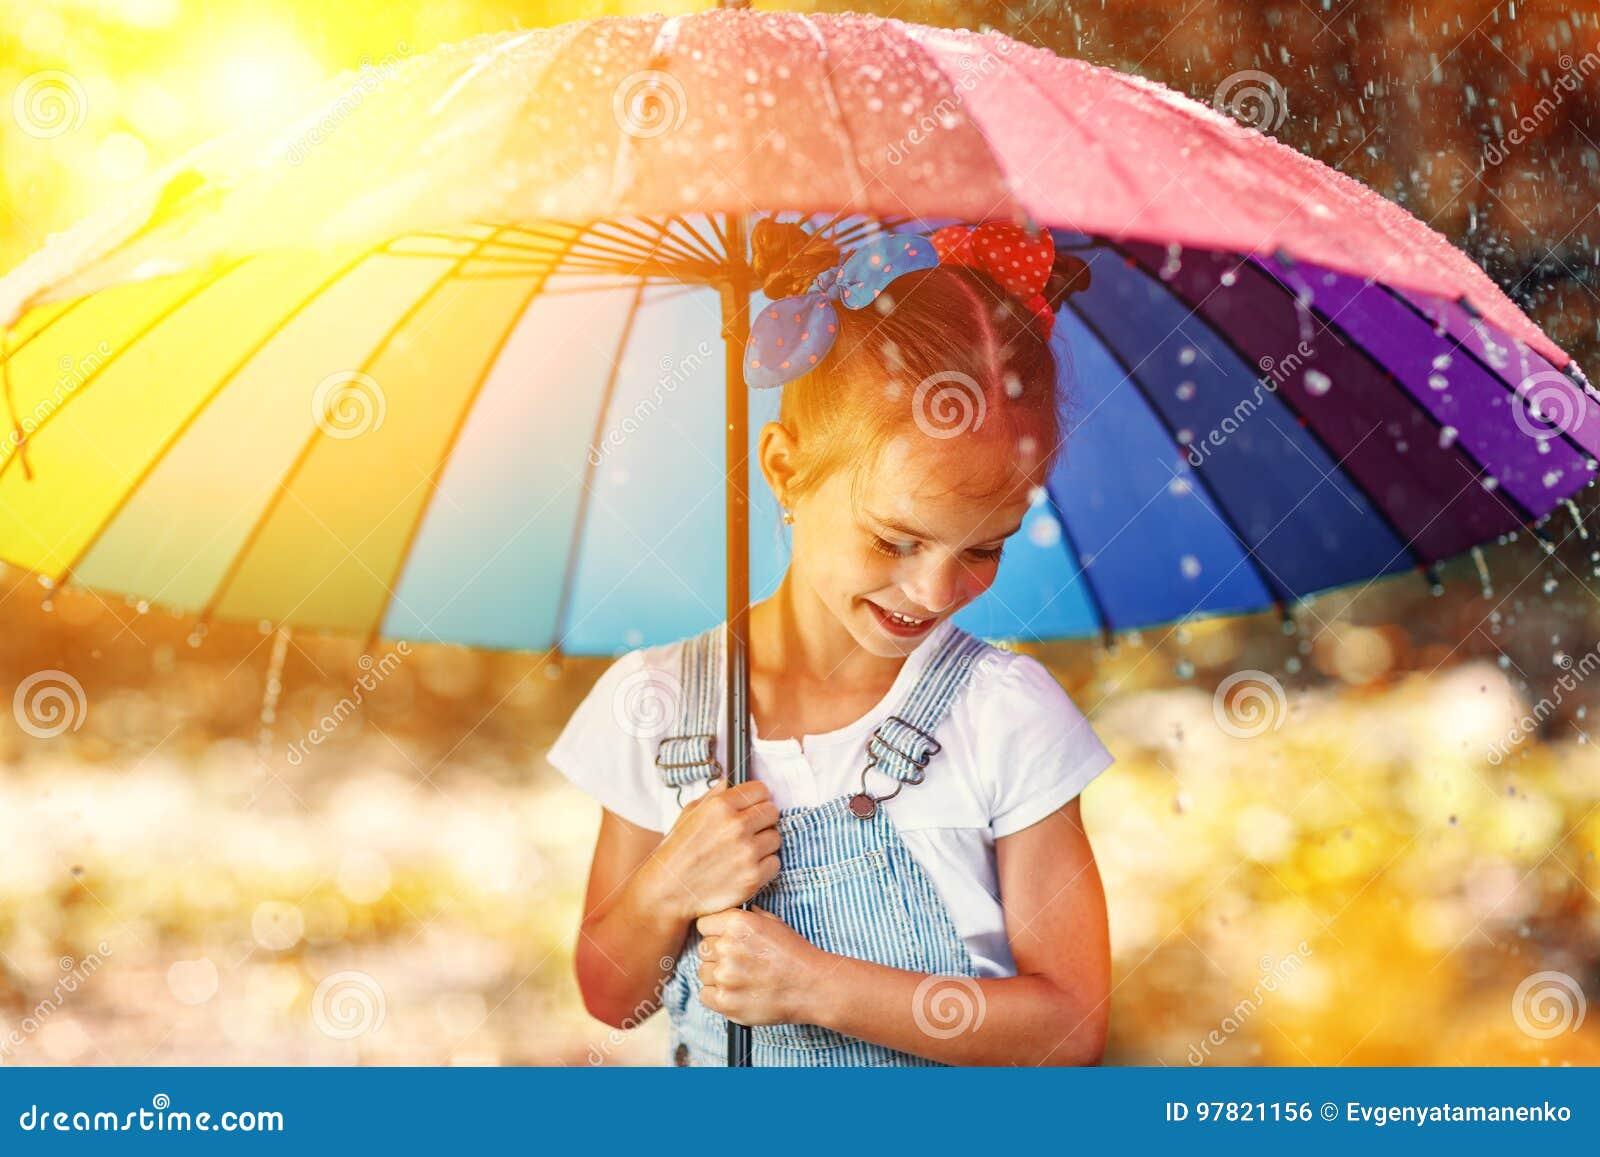 Gelukkig grappig kindmeisje die met paraplu op vulklei in rubb springen